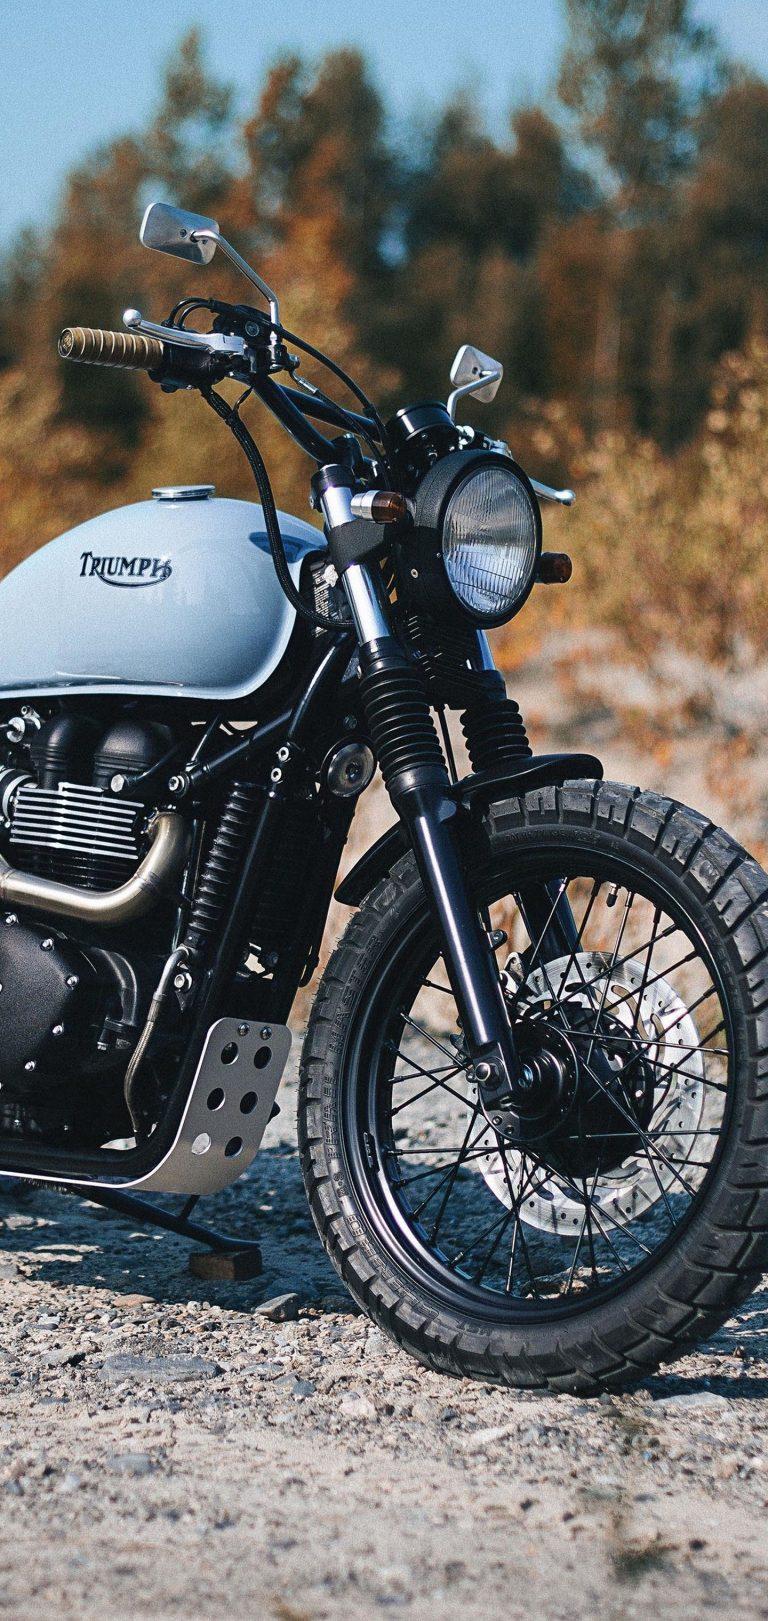 Triumph Bonneville Bike Side View Wallpaper 1440x3040 768x1621